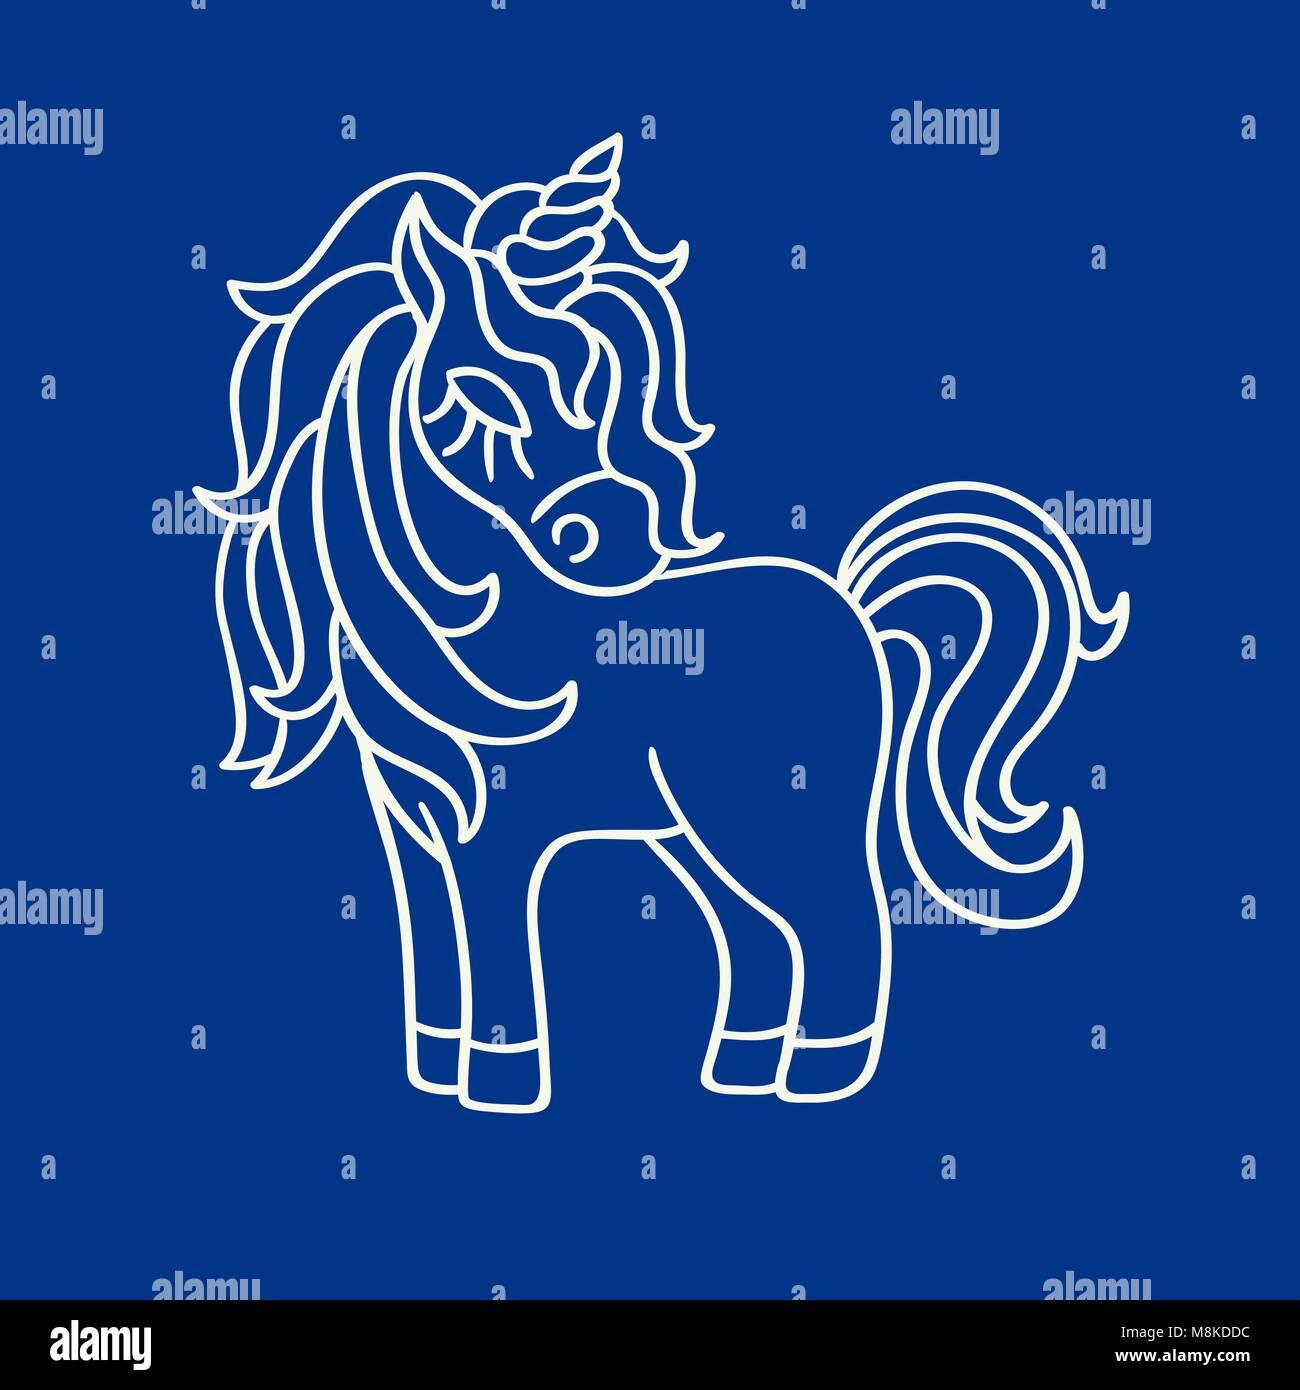 Süße Einhorn weiße Silhouette Skizze Symbol auf dem blauen ...